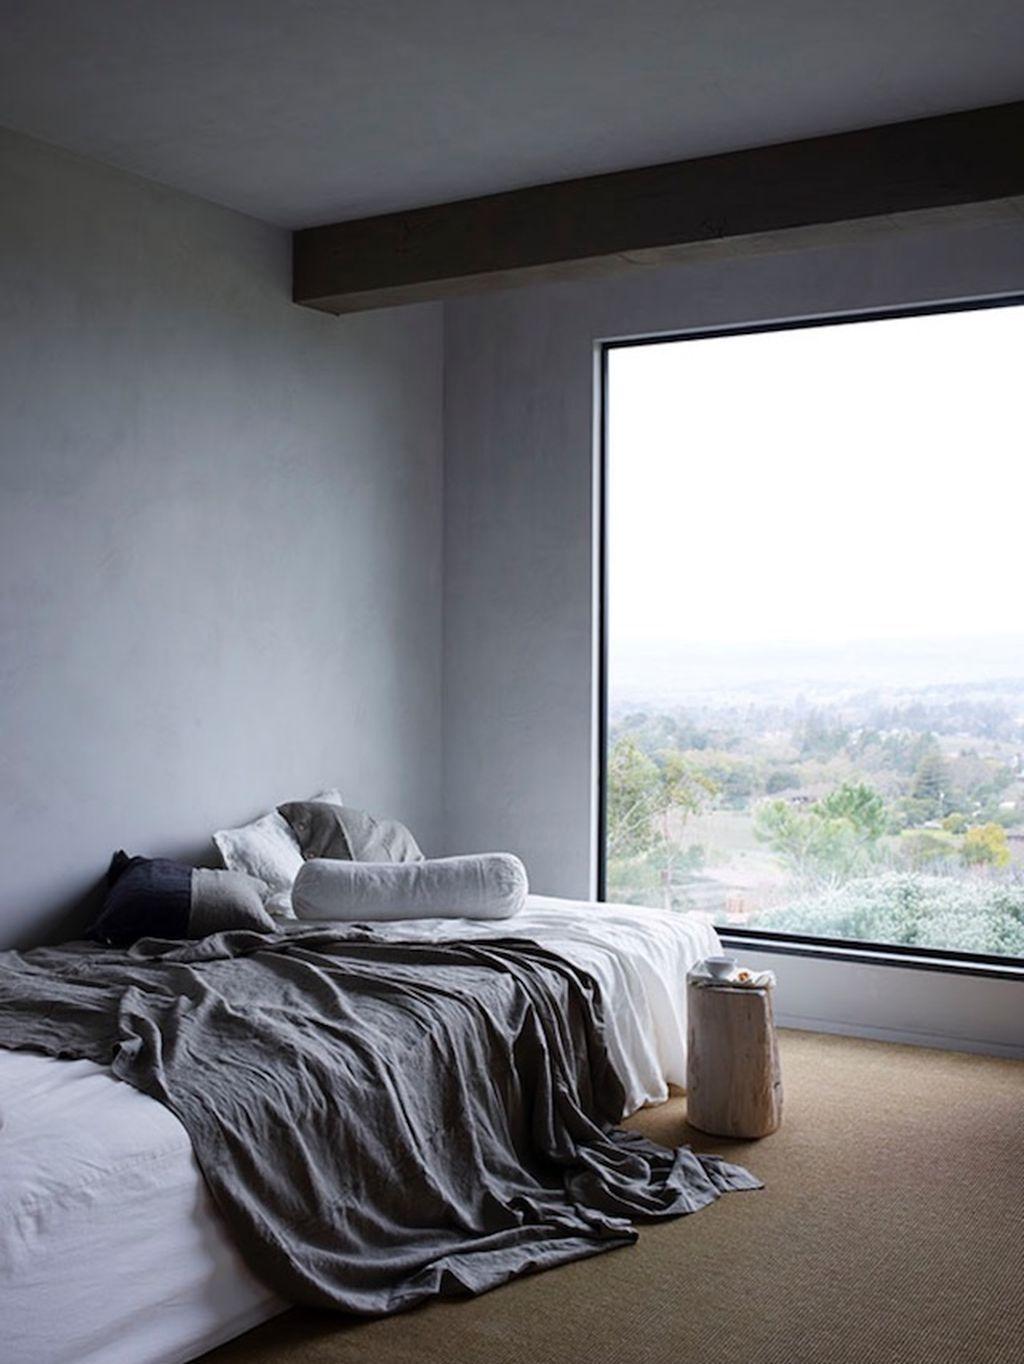 Loft style bedroom ideas   Stunning Loft Style Bedroom Design Ideas  Loft style bedroom